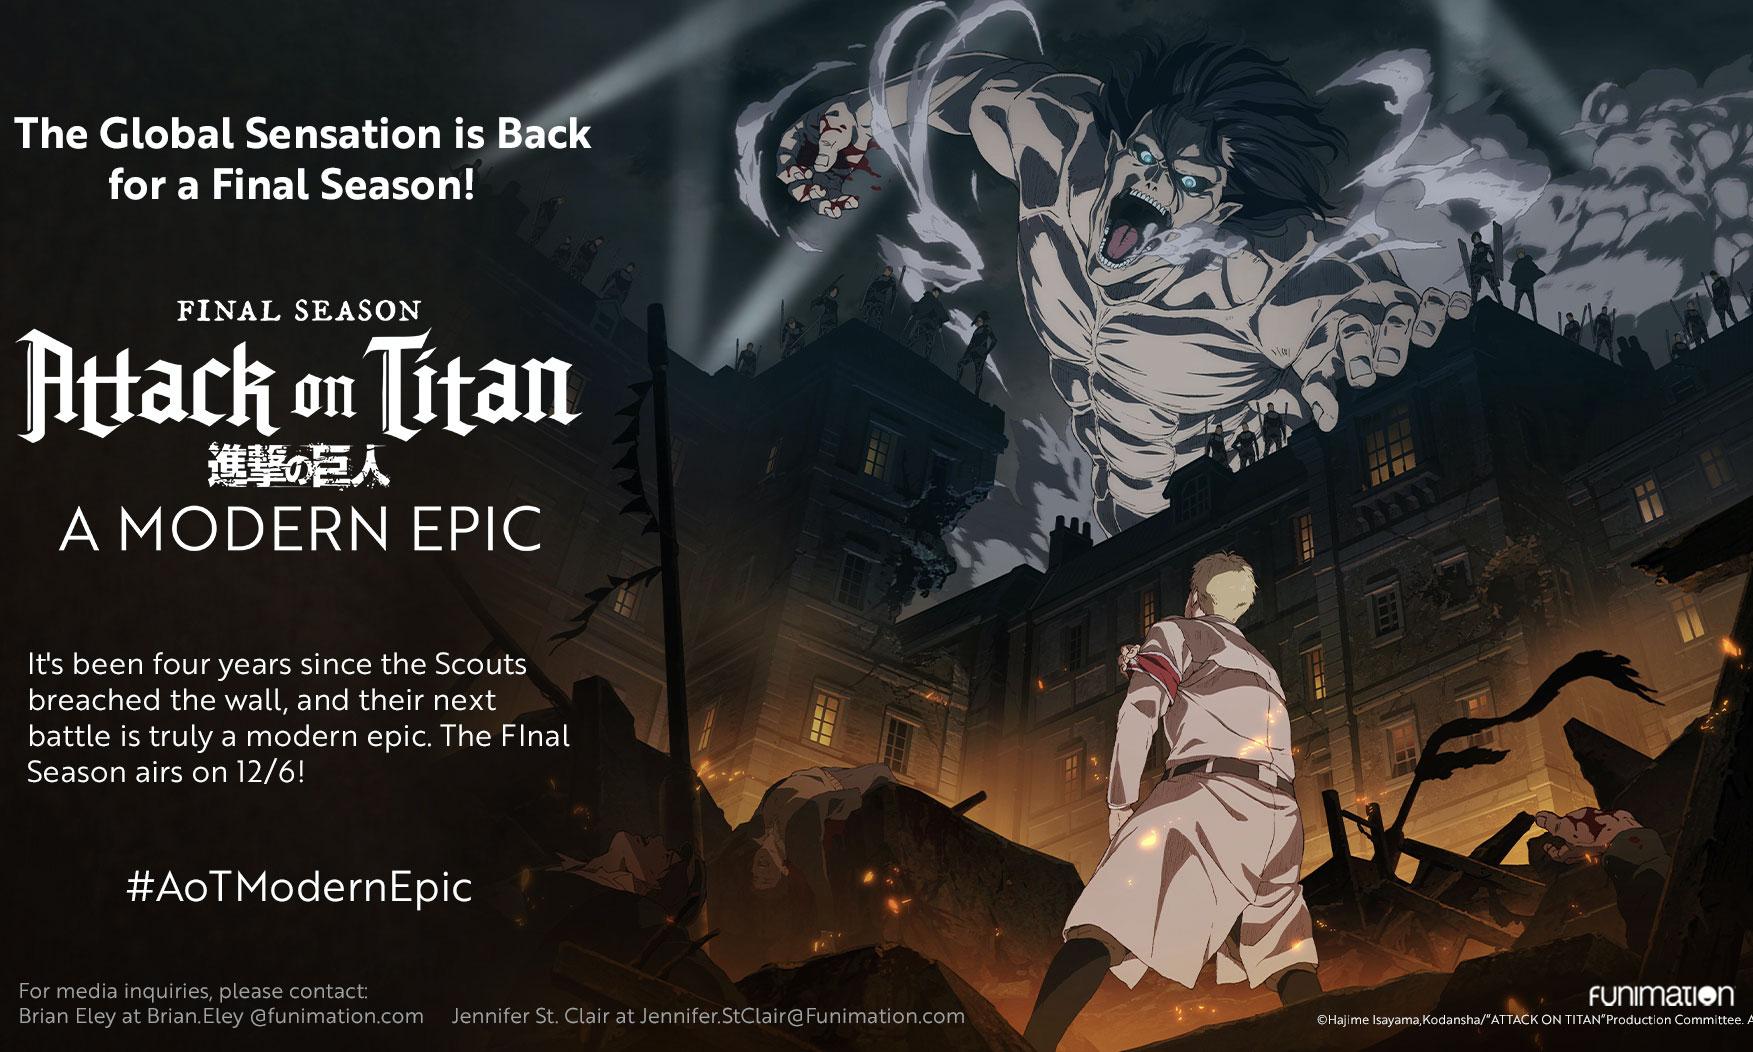 《进击的巨人》最终季将在 12 月 6 日播出